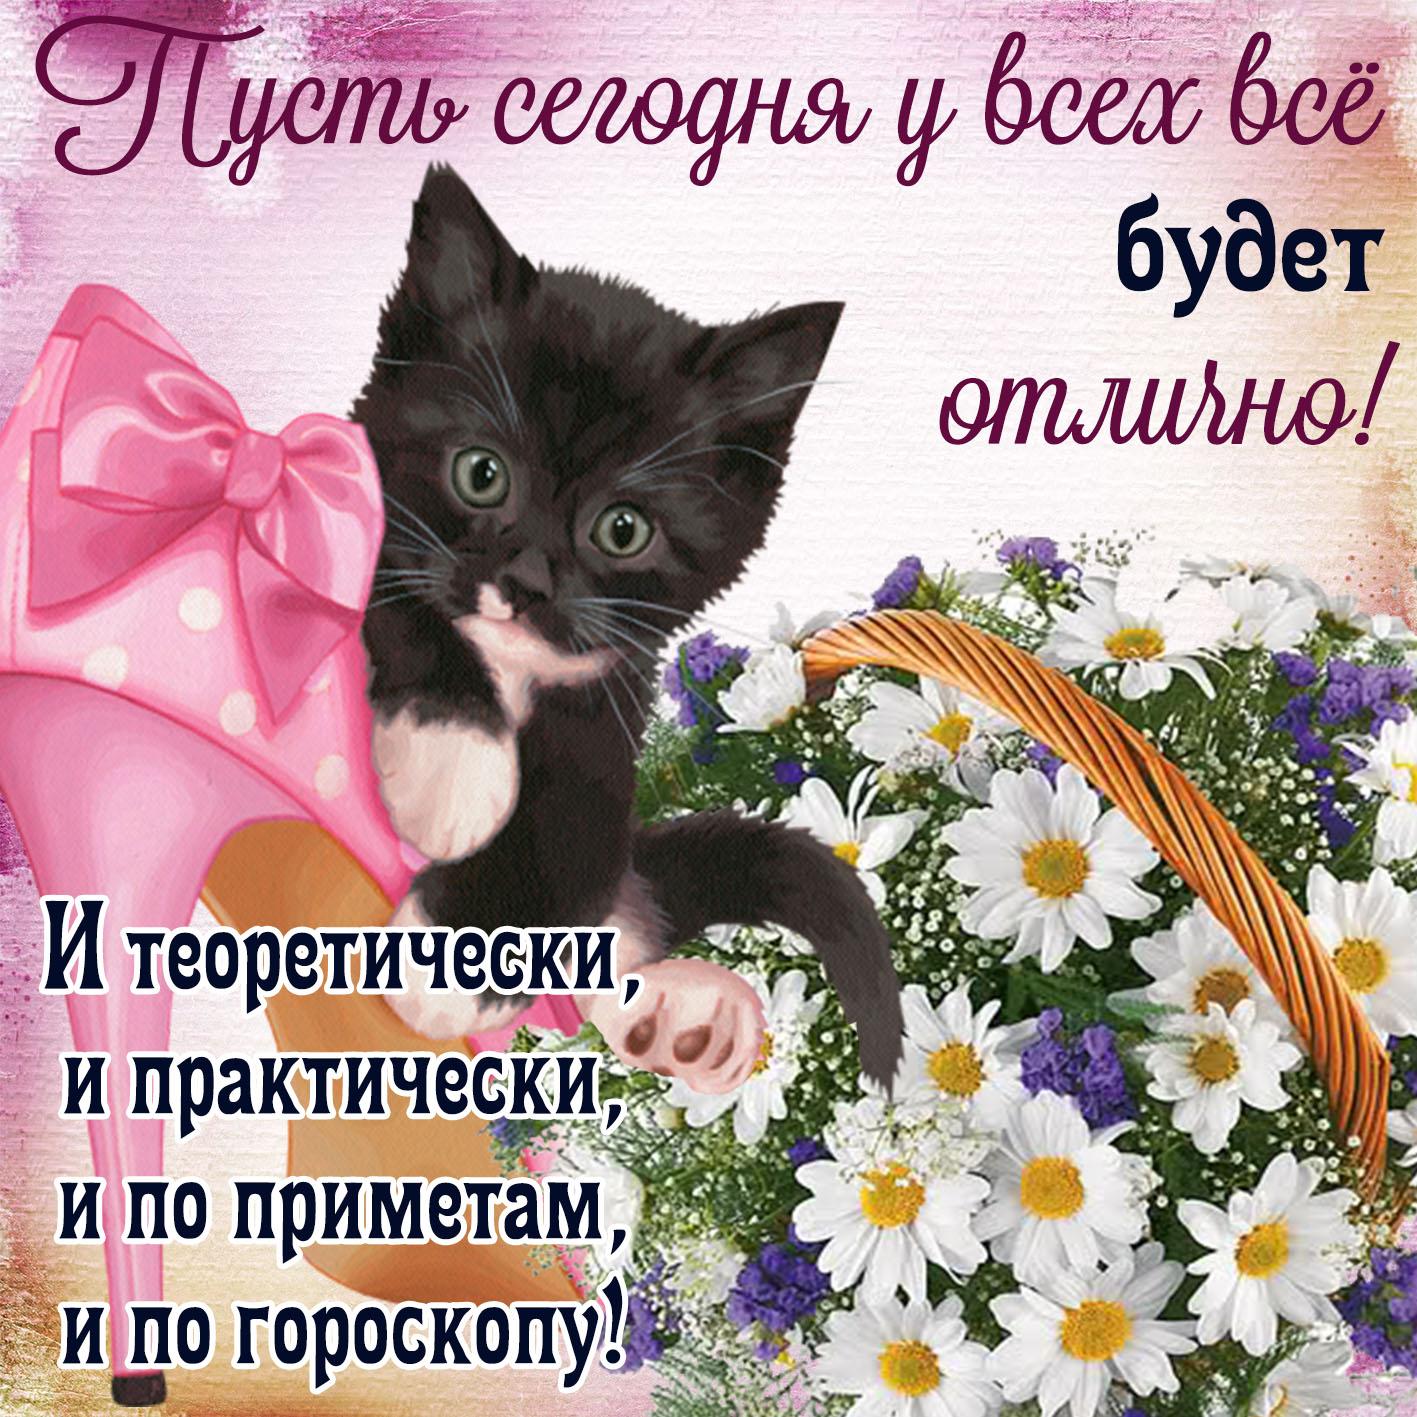 Красивая открытка с котёнком и ромашками